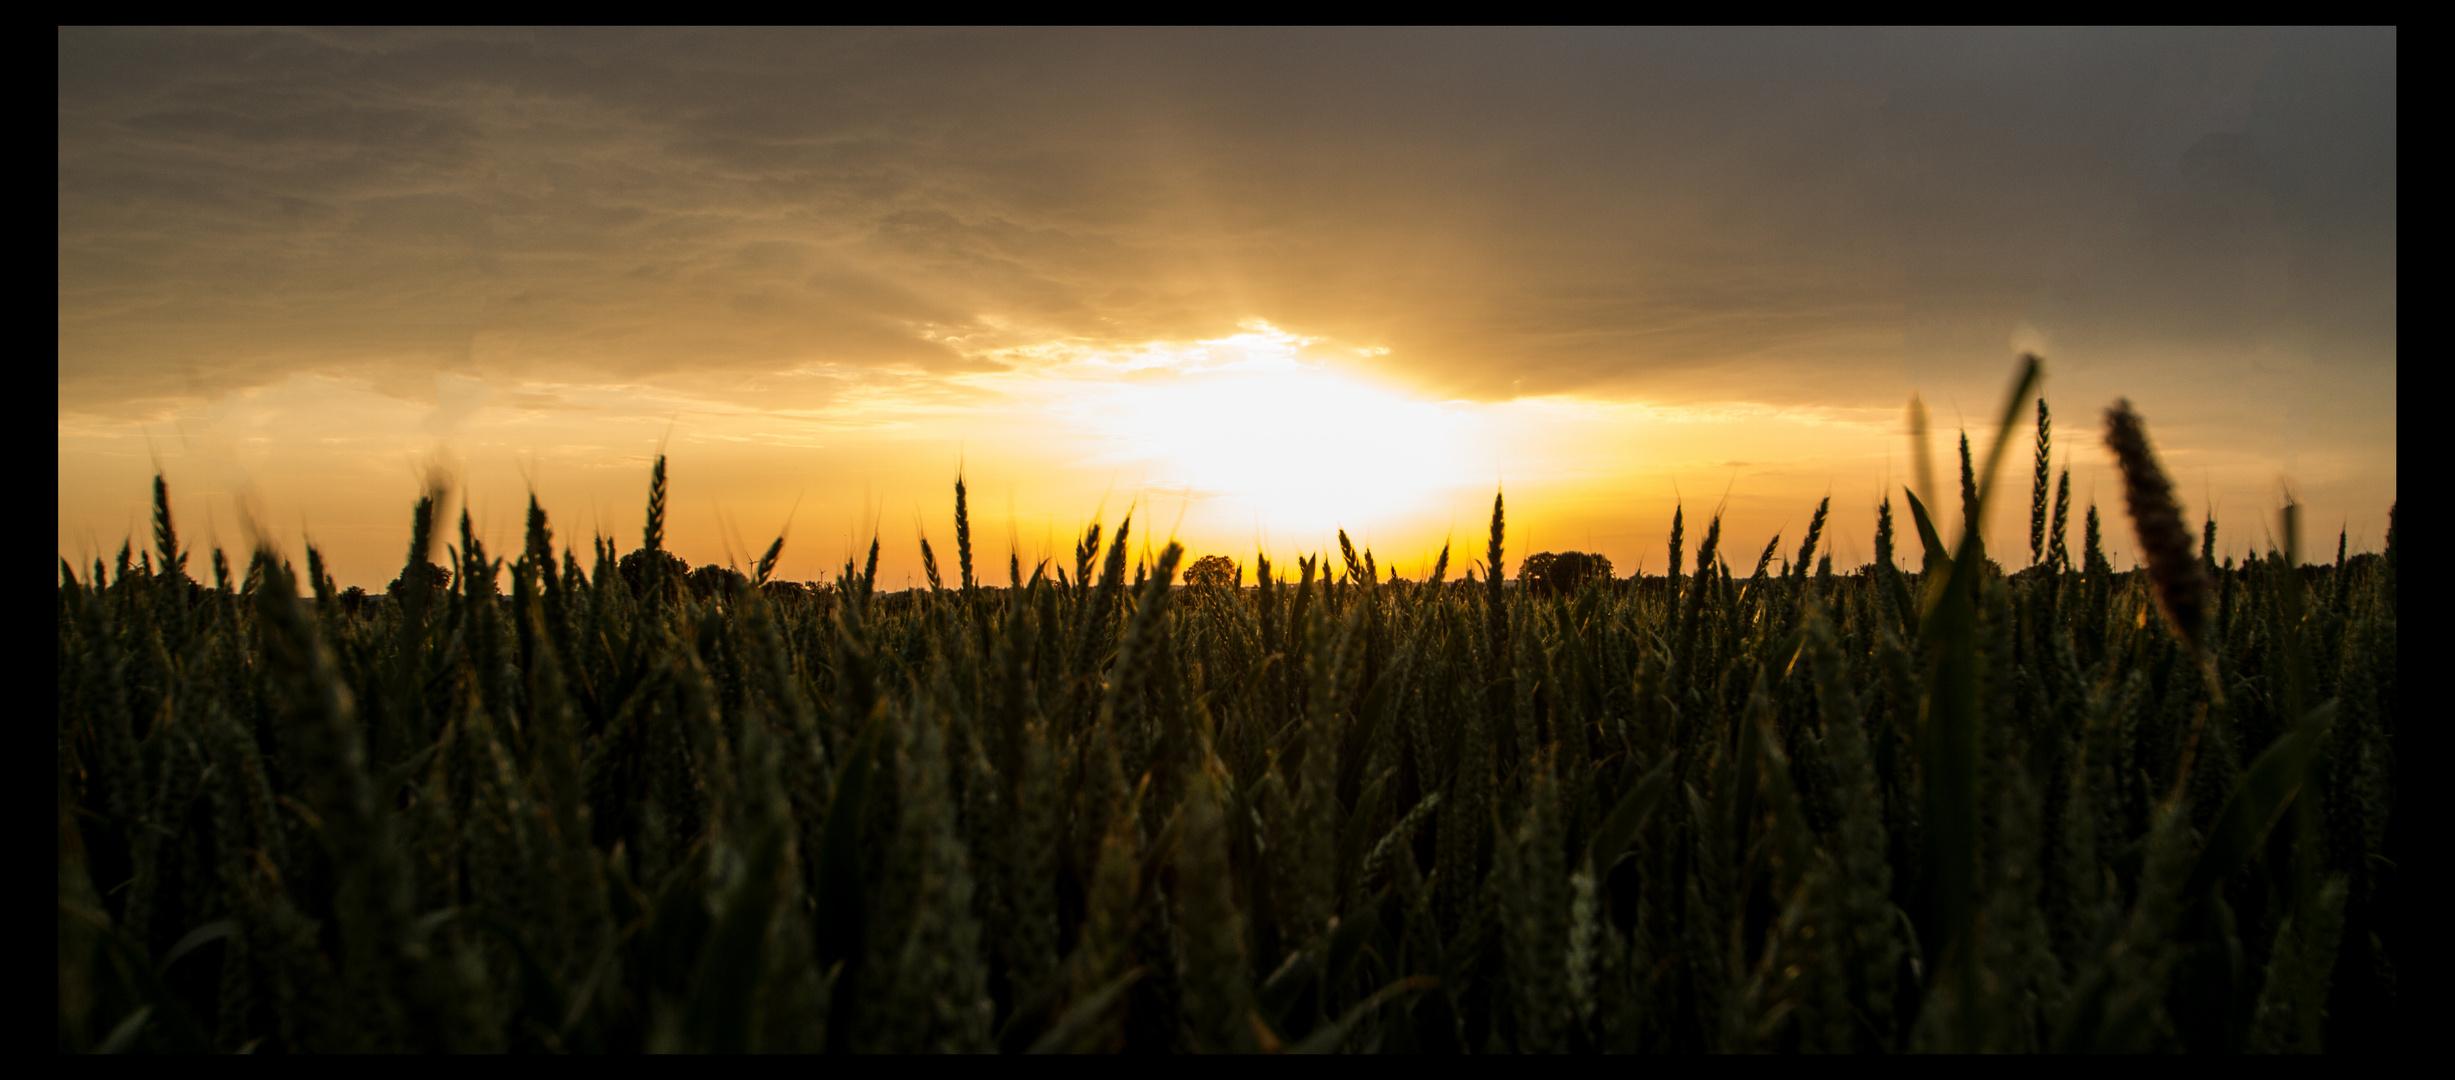 Abendstimmung im Getreidefeld